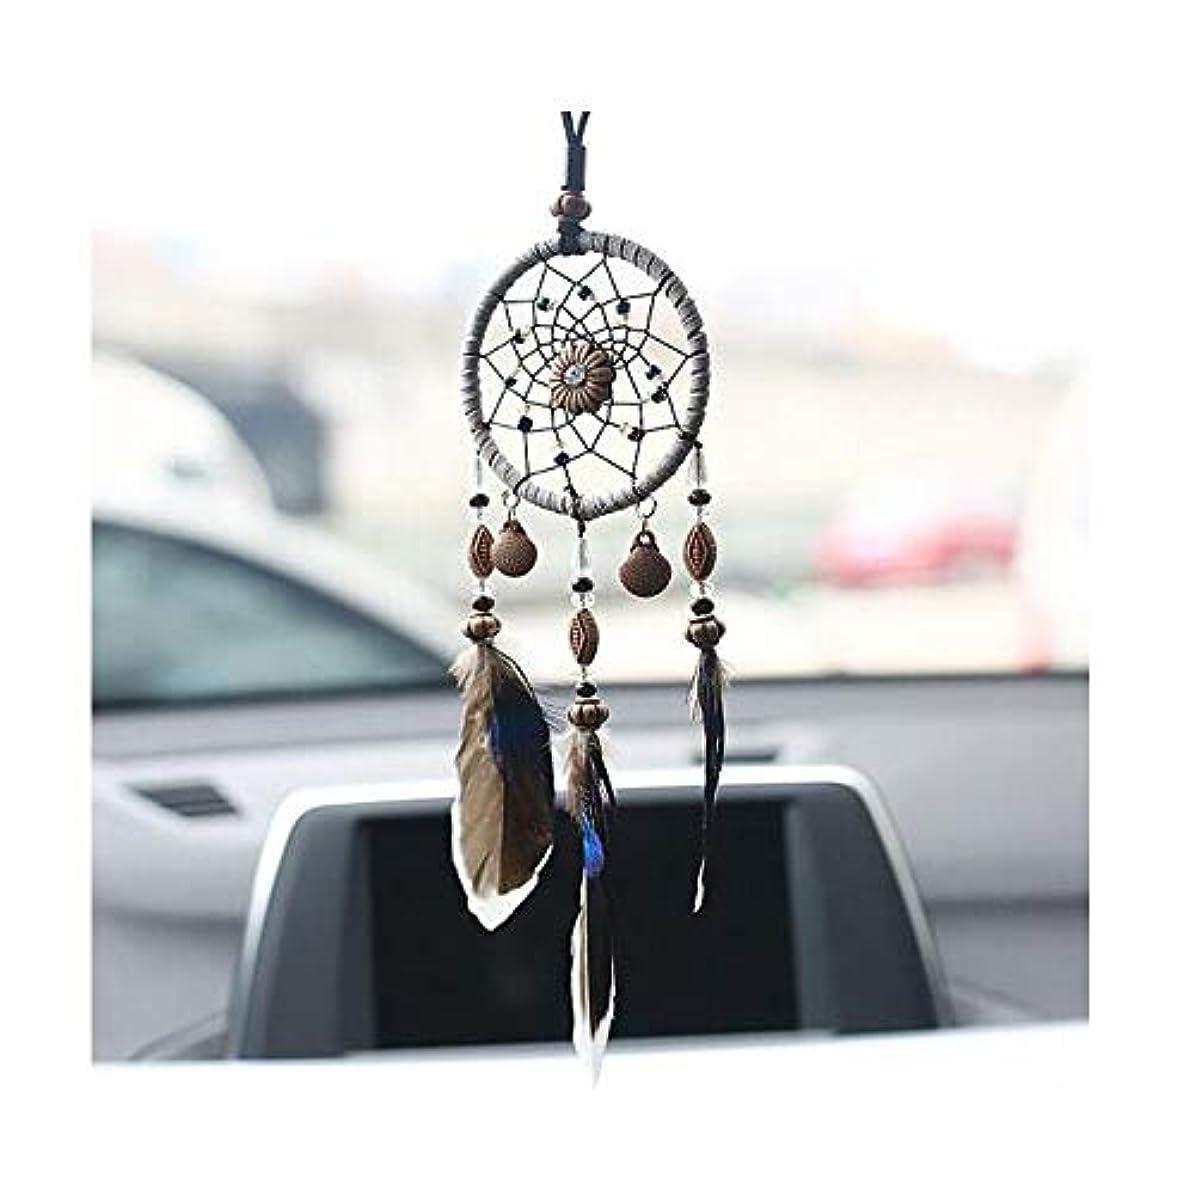 ラフレシアアルノルディディベートアクセシブル風チャイム、エスニックスタイルの手作りインテリアペンダント、バーペンダント、フェザーベルペンダント、誕生日ギフト鐘 (Color : 1, Size : 30cm)